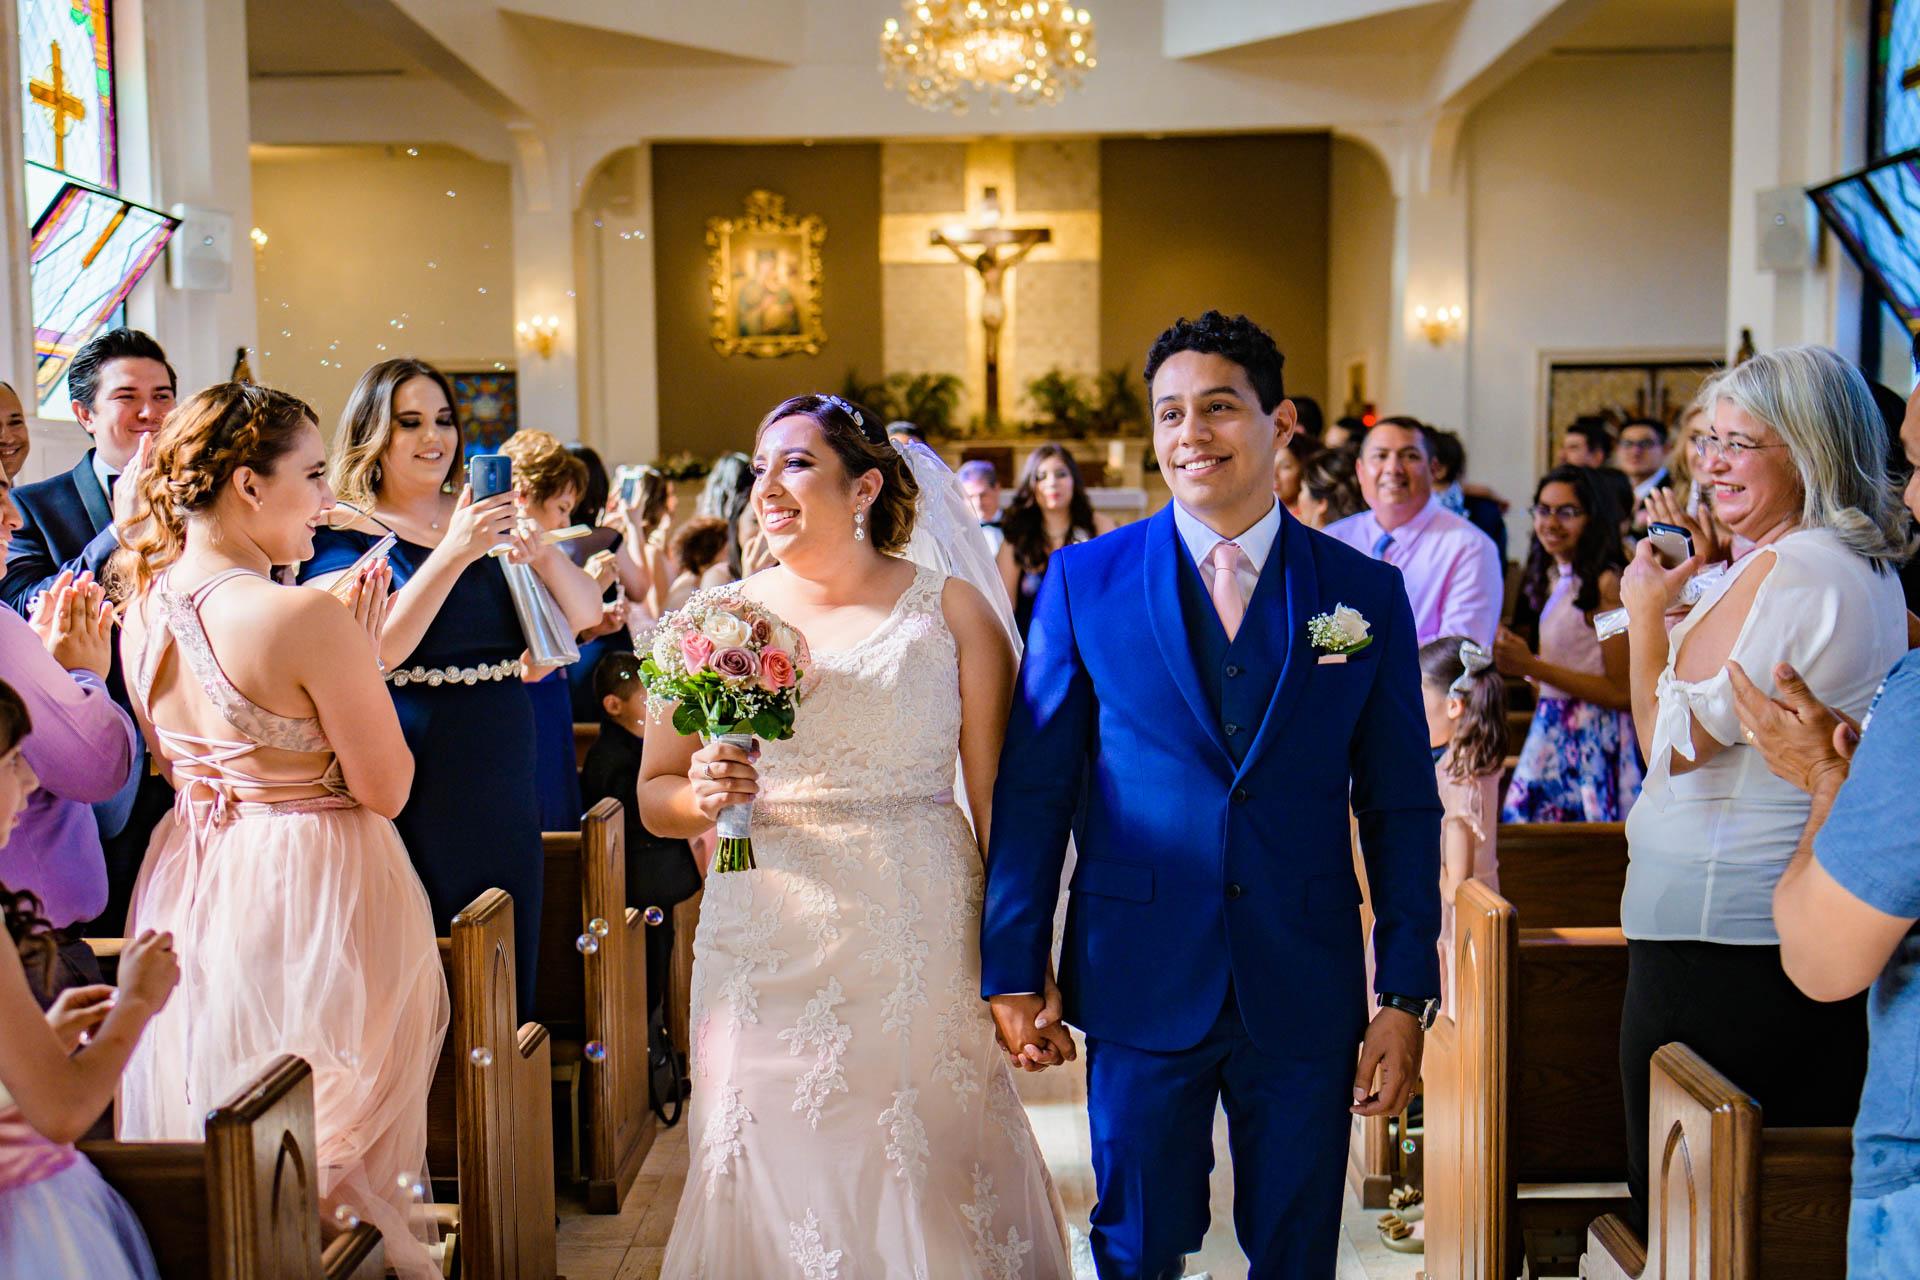 Fotografia de Boda - Foto de la salida de los novios de la iglesia